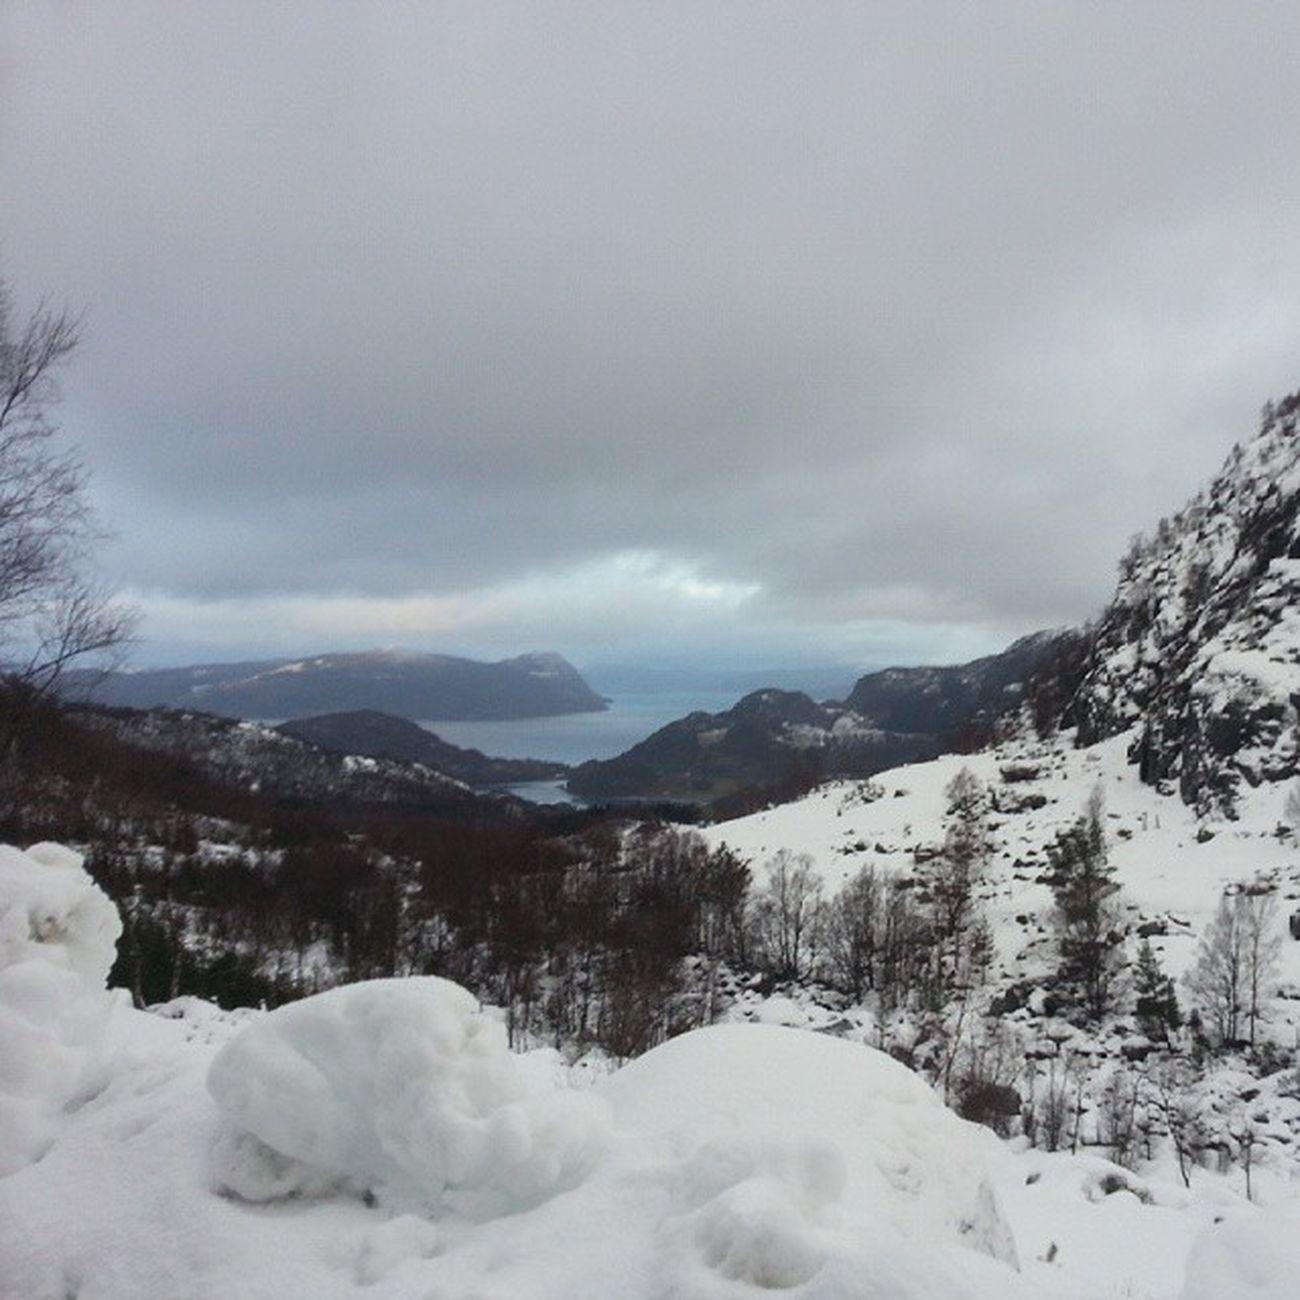 Paisajes que te reconcilian con la vida Snø Nieve Mar Snow Viaje Norway Norge Noruega